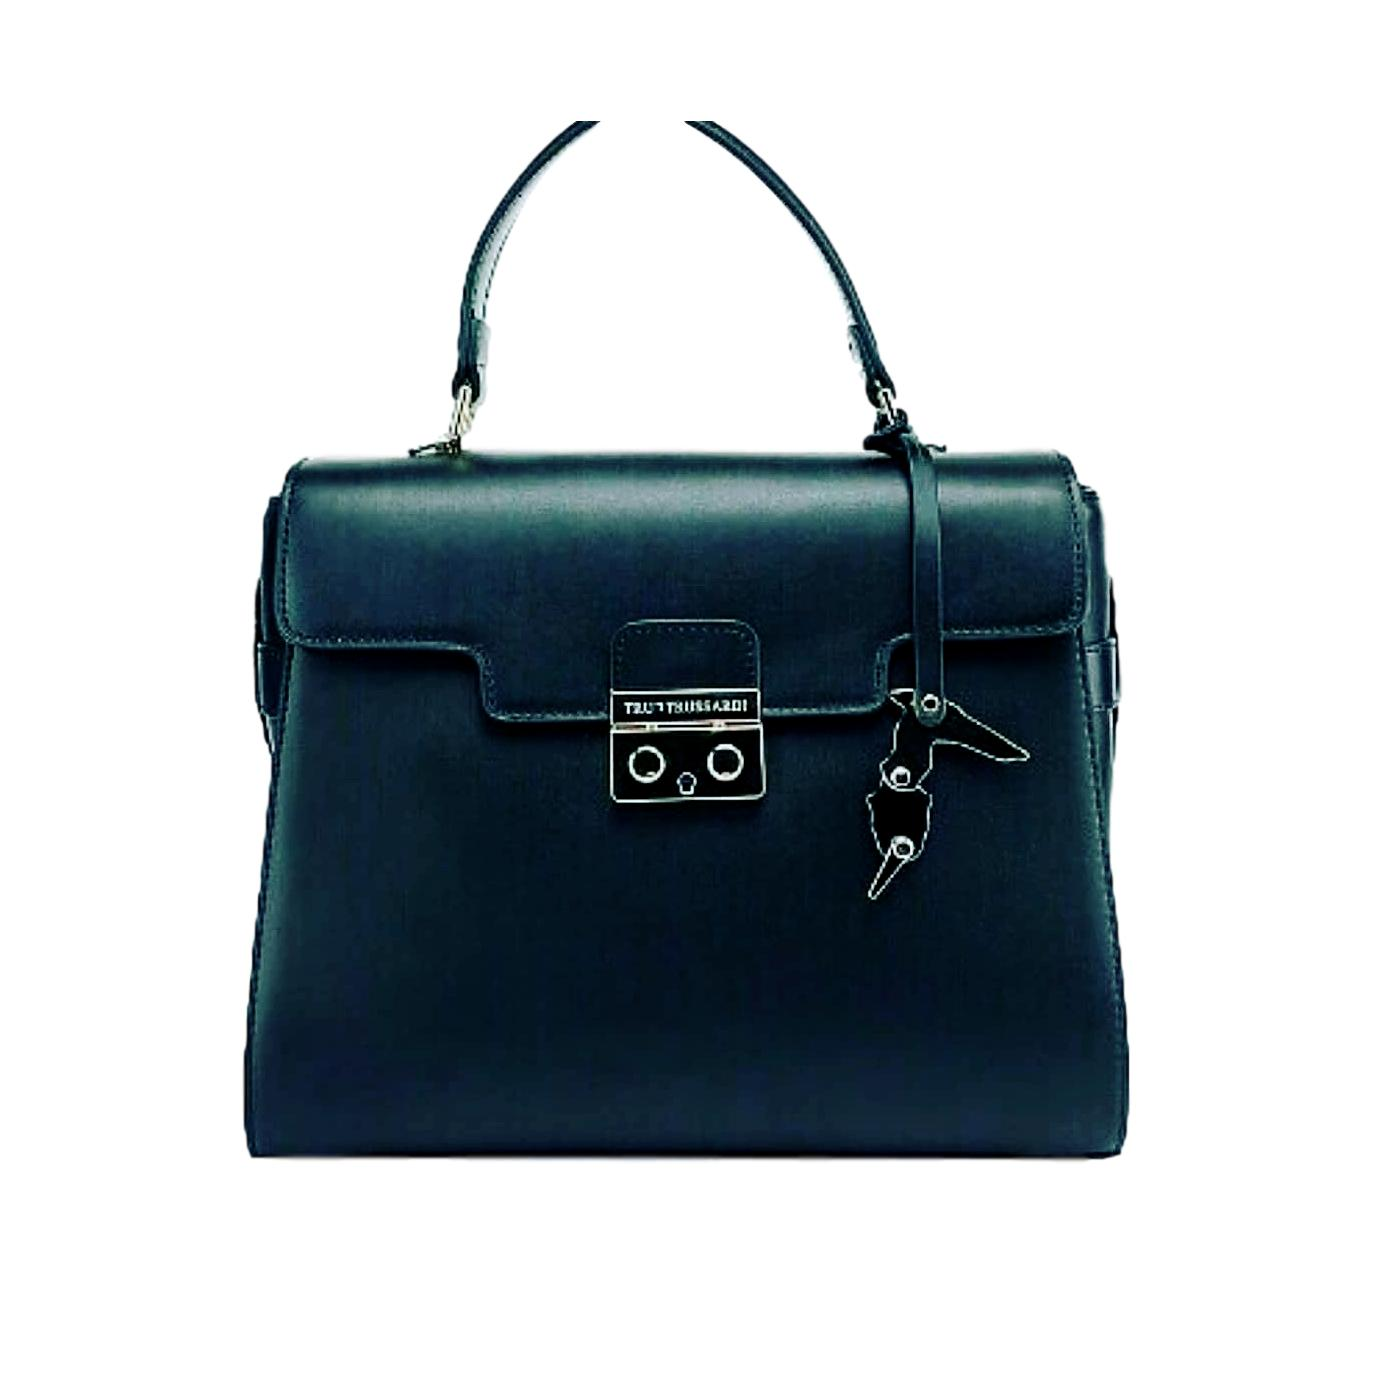 81e323ccf380 Купить среднюю сумку Tru Trussardi за 16410 руб. в интернет магазине ...